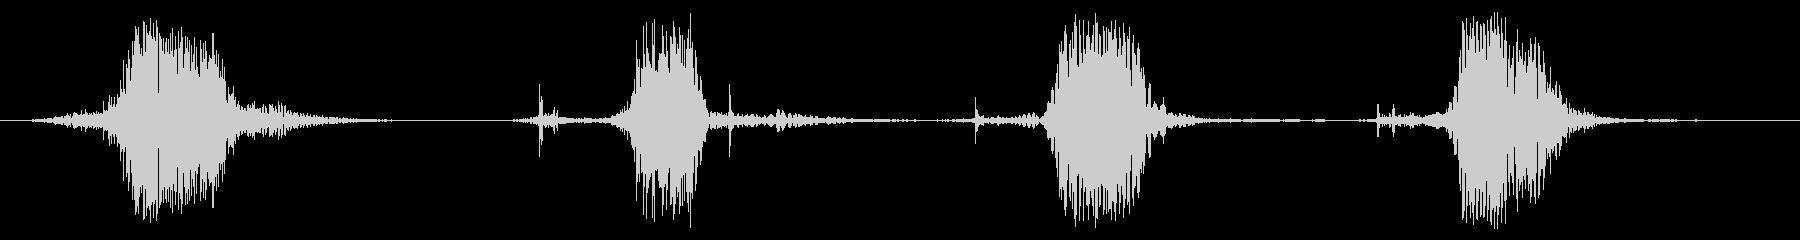 細いロープ:ラピッドマルチプルスウ...の未再生の波形